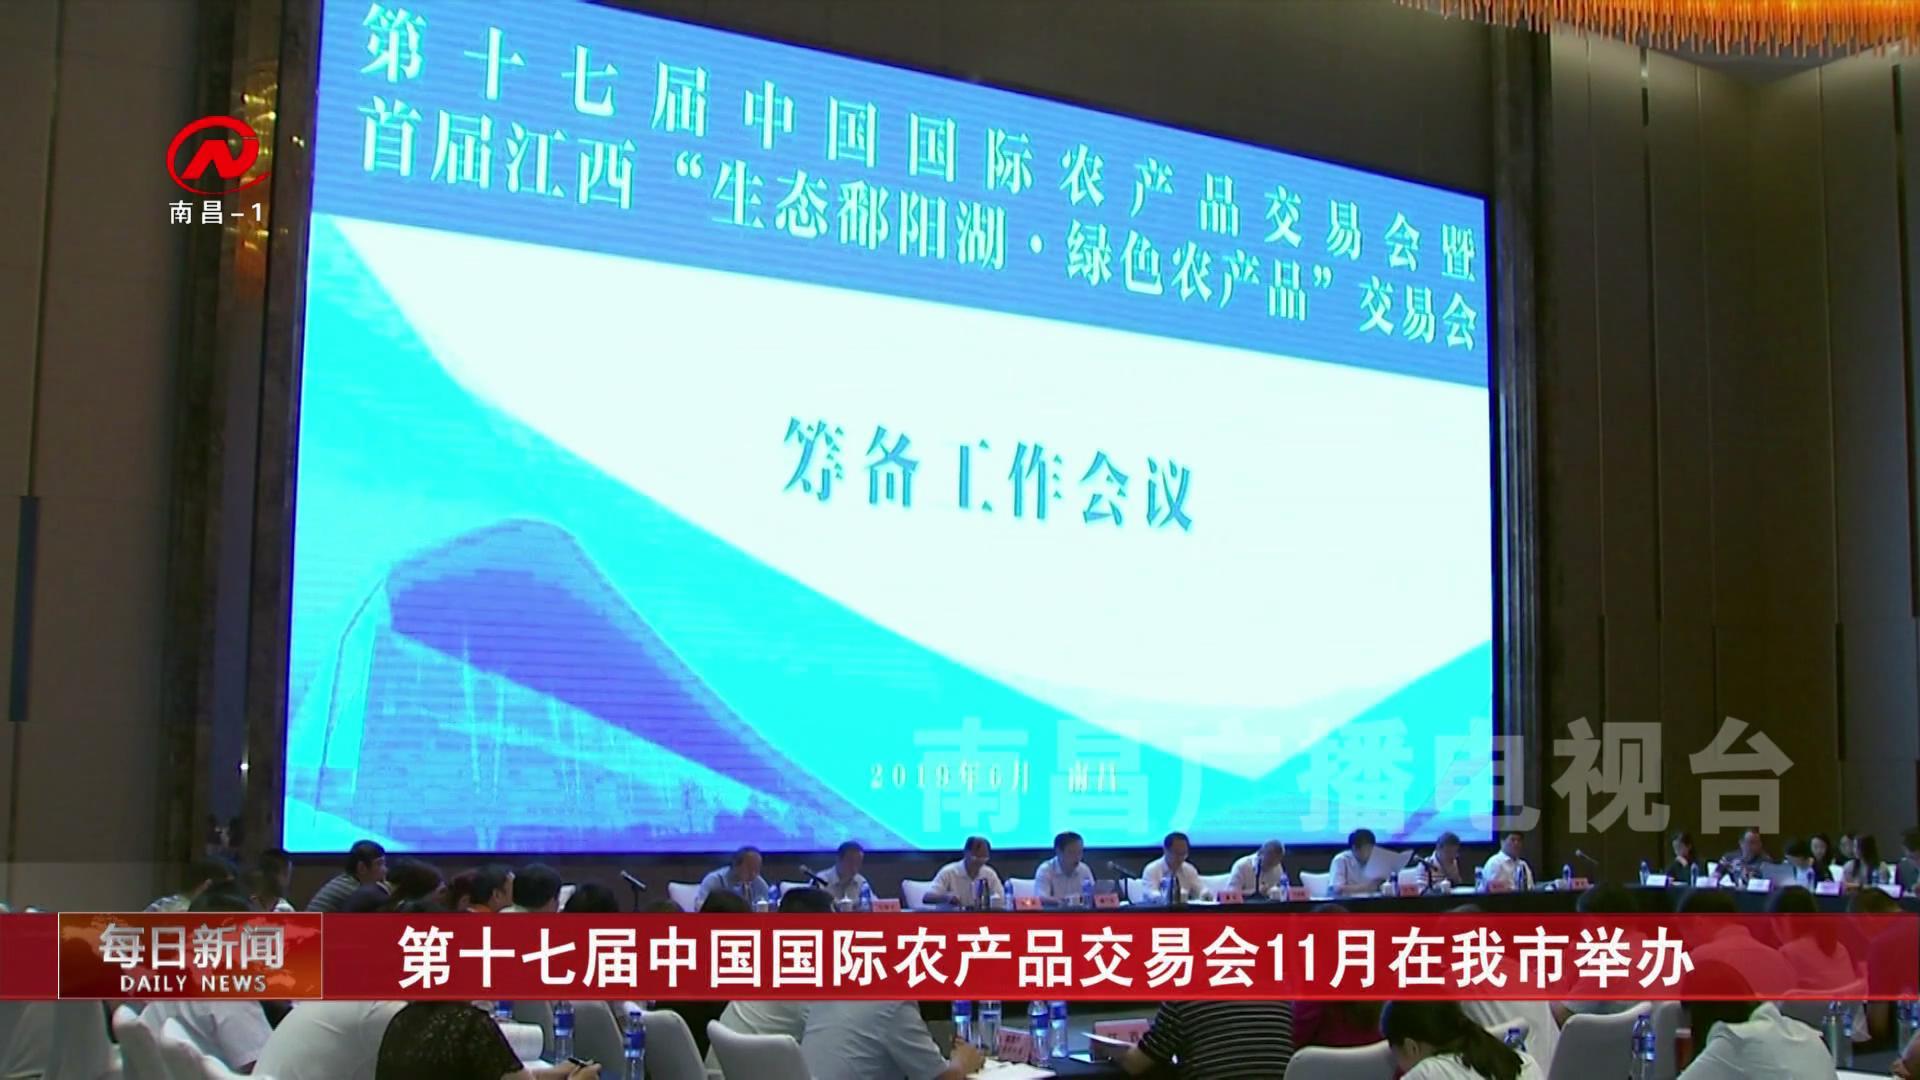 第十七屆中國國際農產品交易會11月在我市舉辦